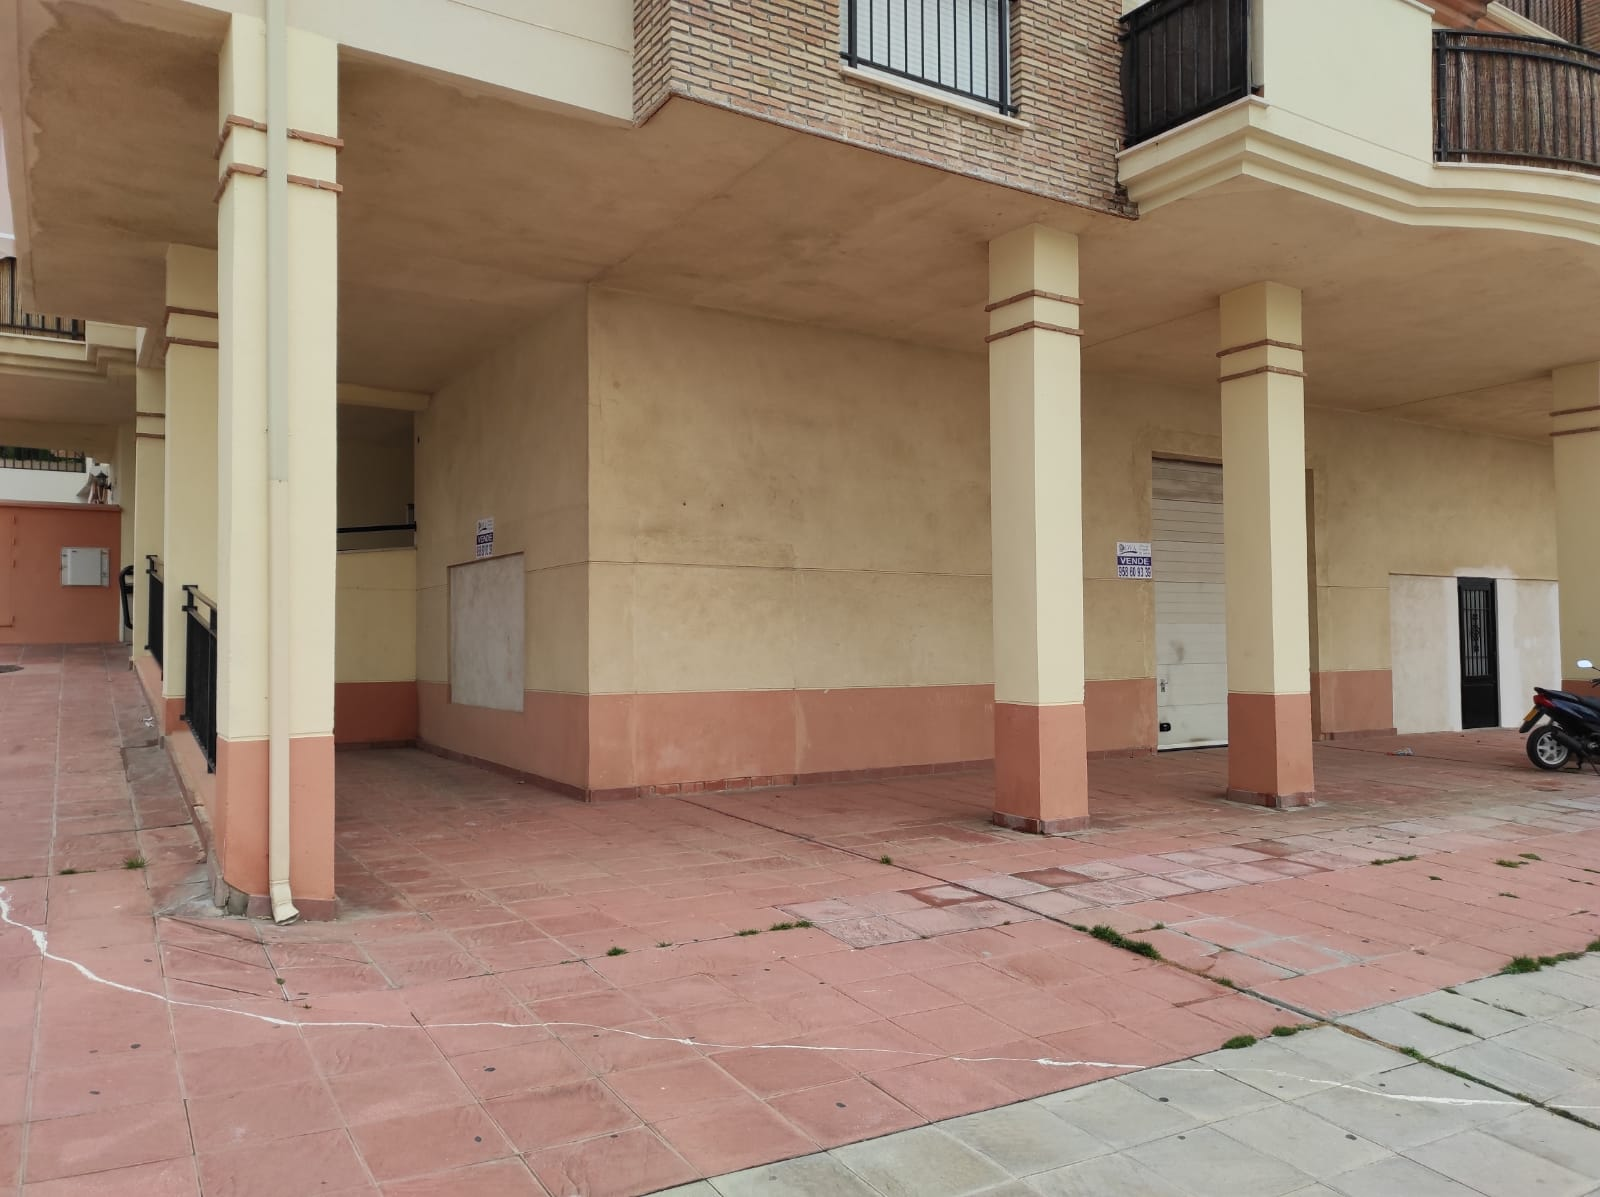 LOCAL -GARAJE EN C/SIERRA MAESTRA EN ZONA DE SAN FERNANDO